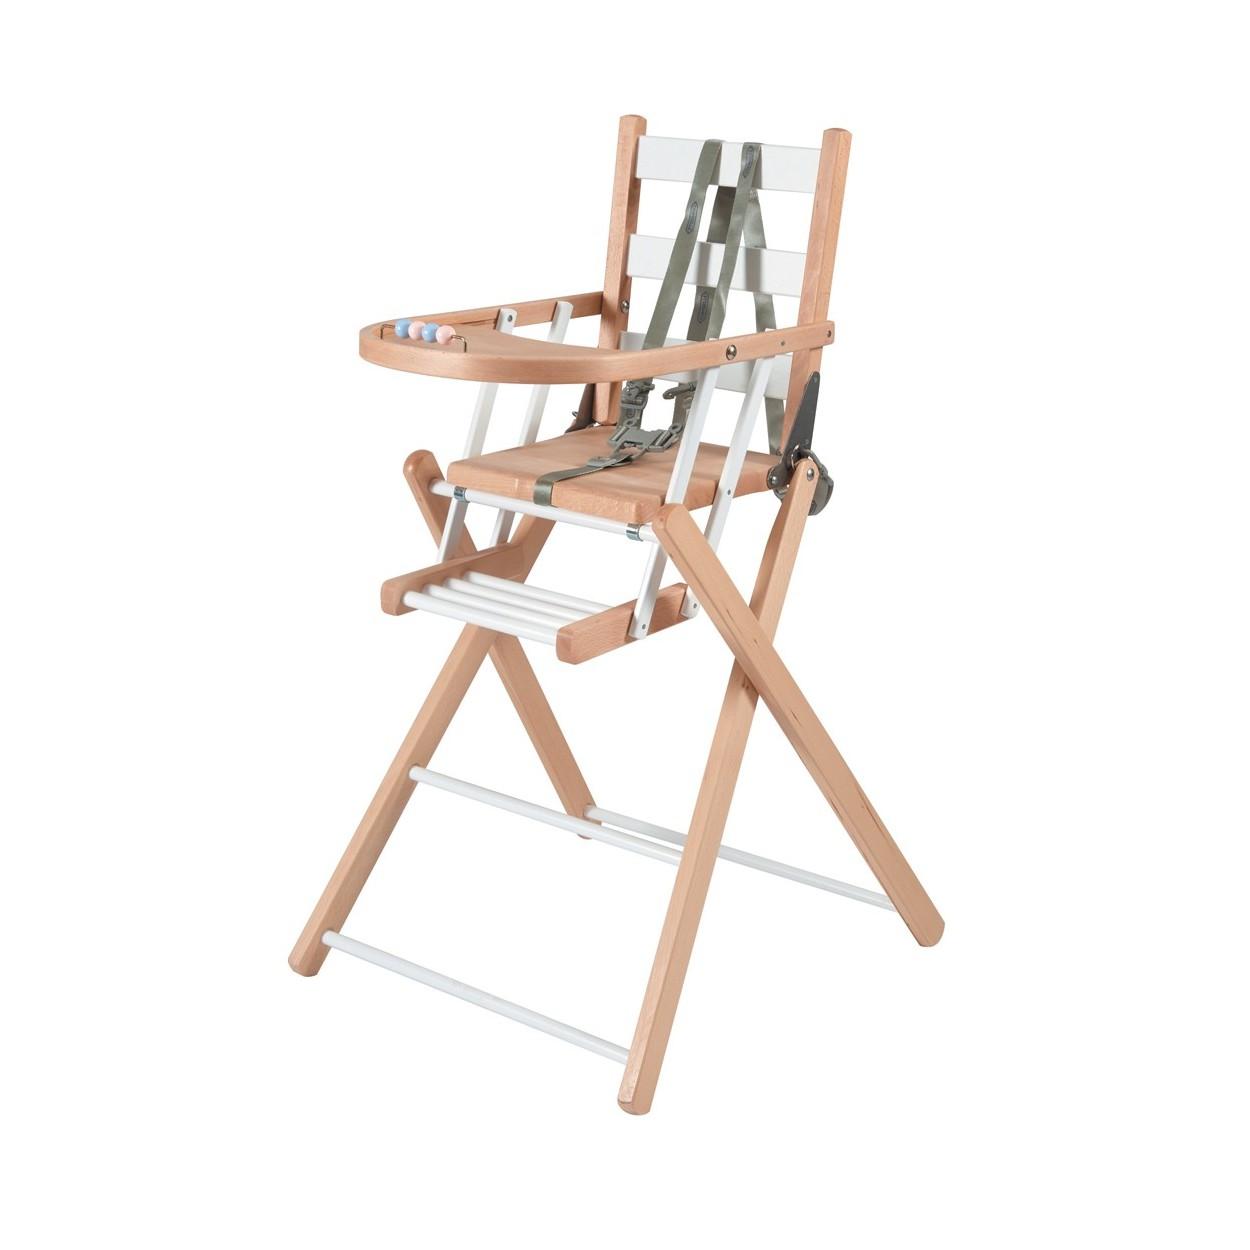 Chaise haute bébé pliante en bois  bicolore blanc - 57x95 cm